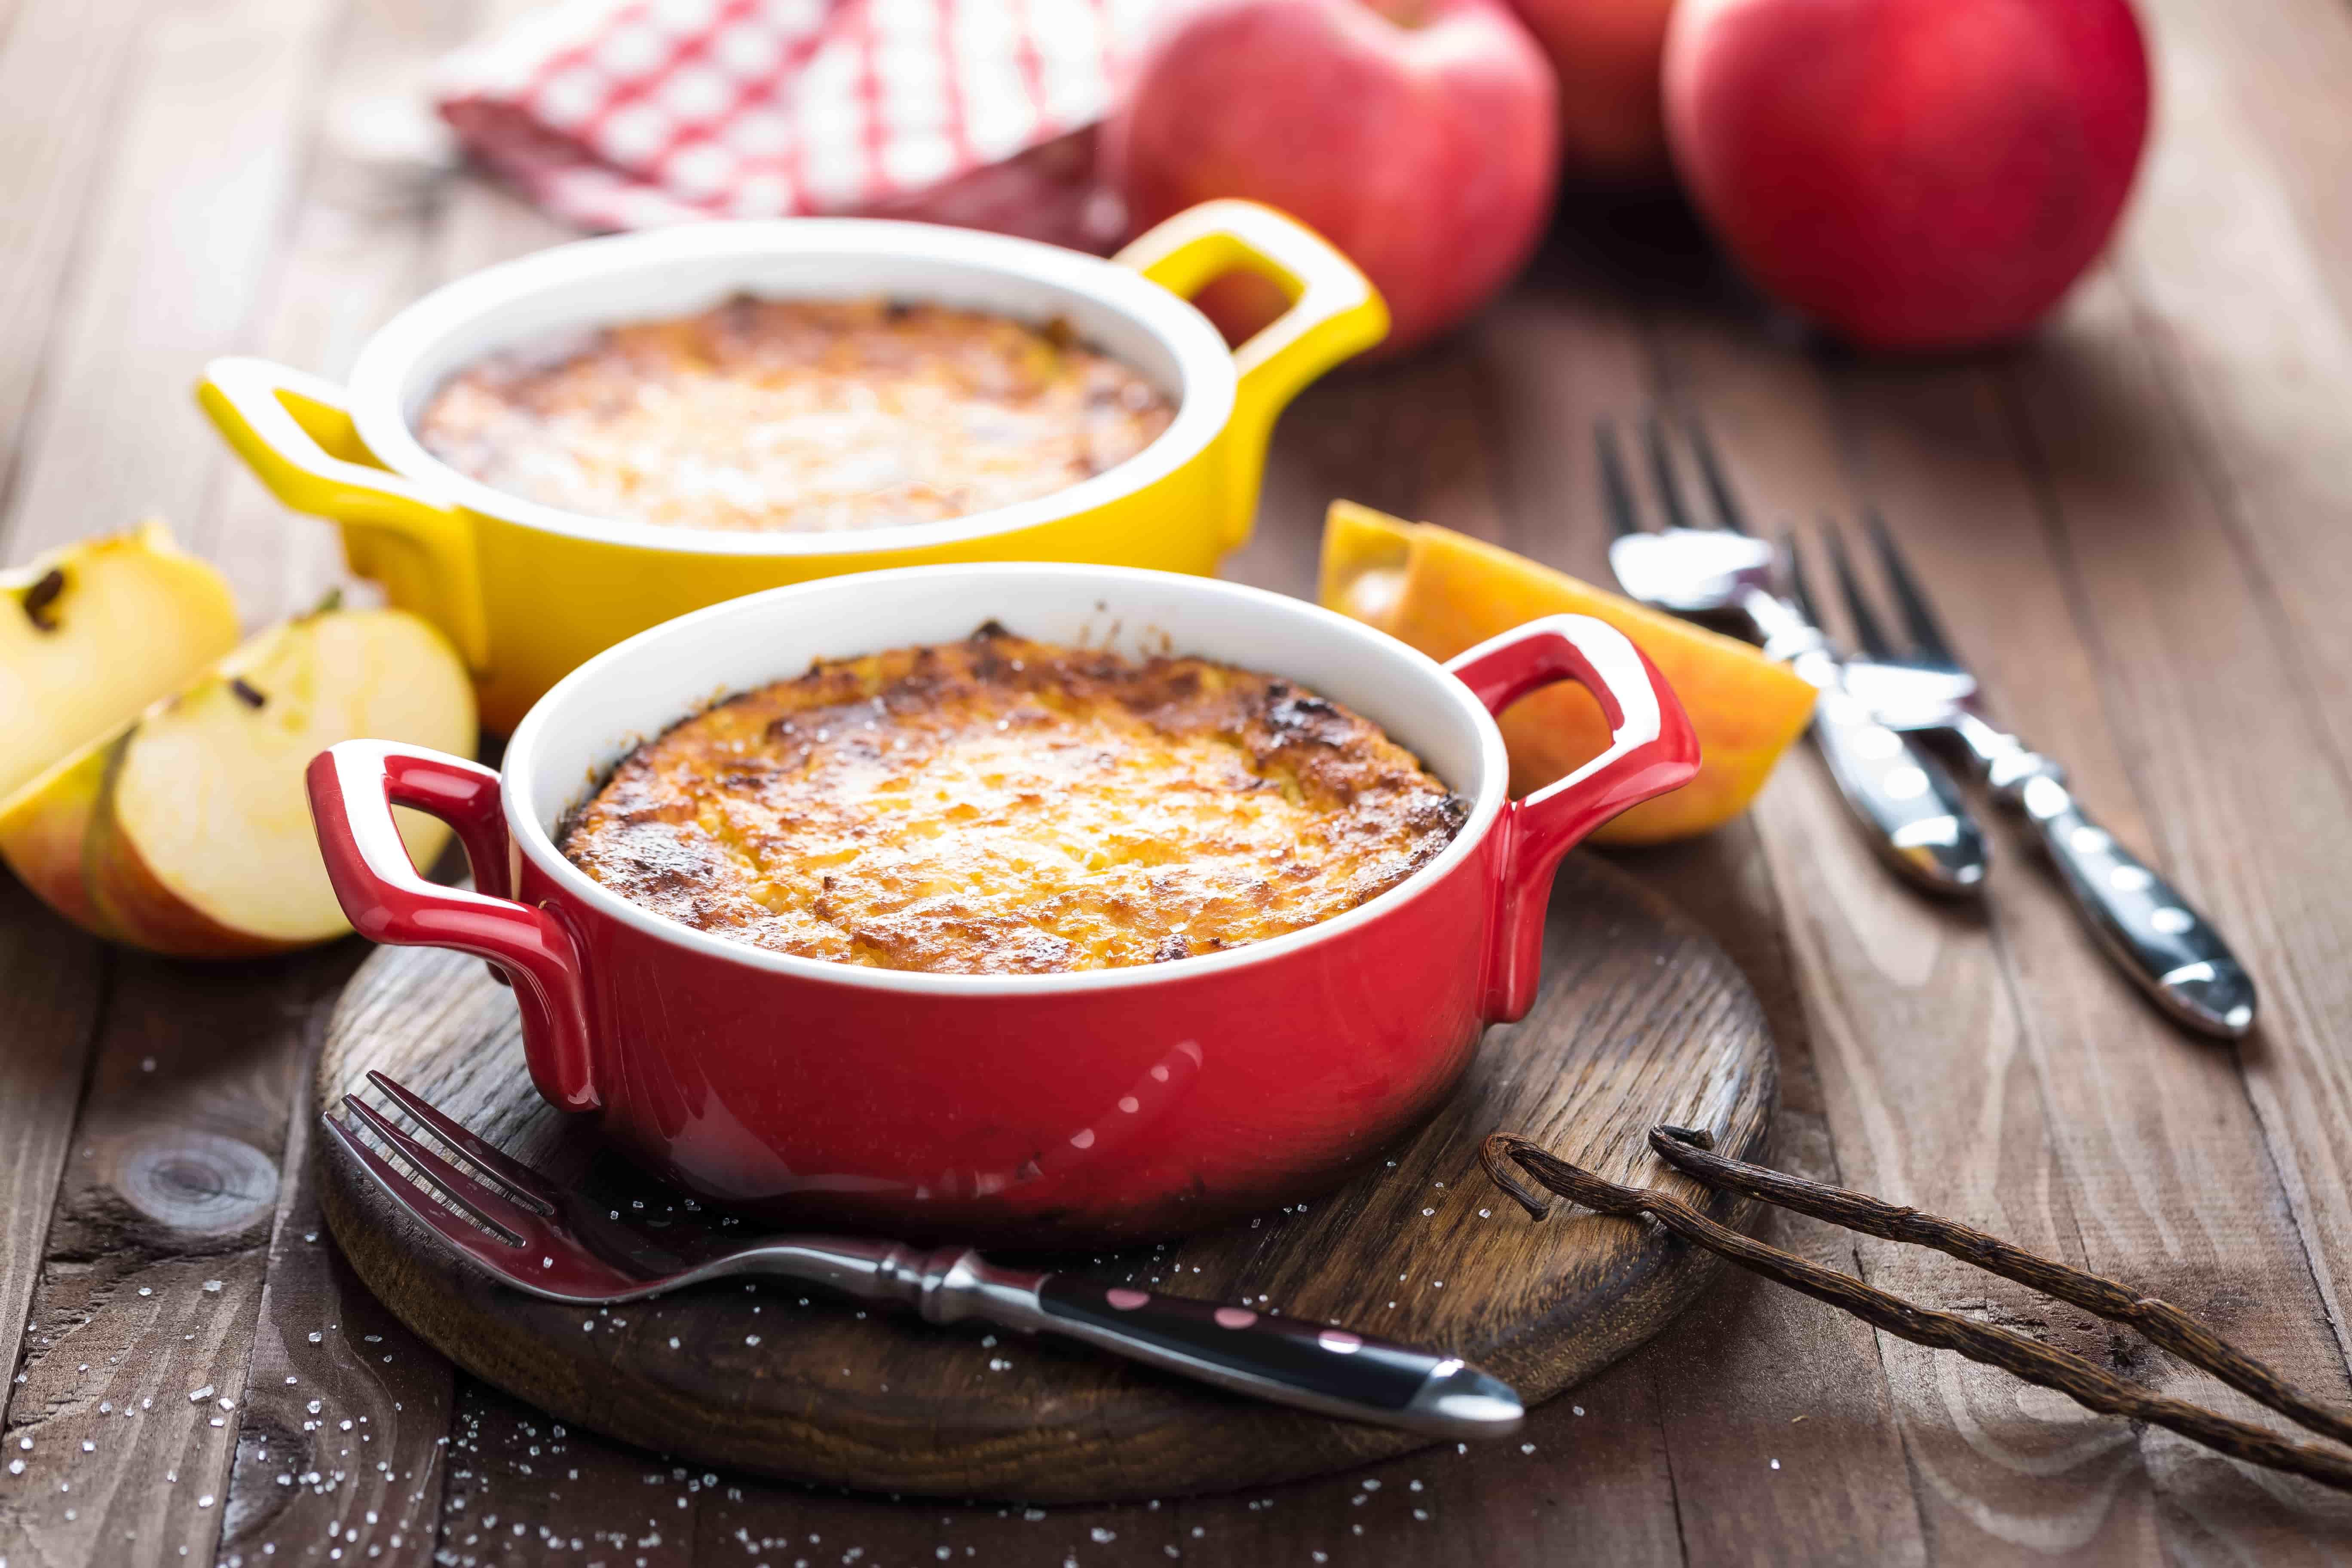 Рецепты ПП на завтрак для похудения. Полезные завтраки на каждый день